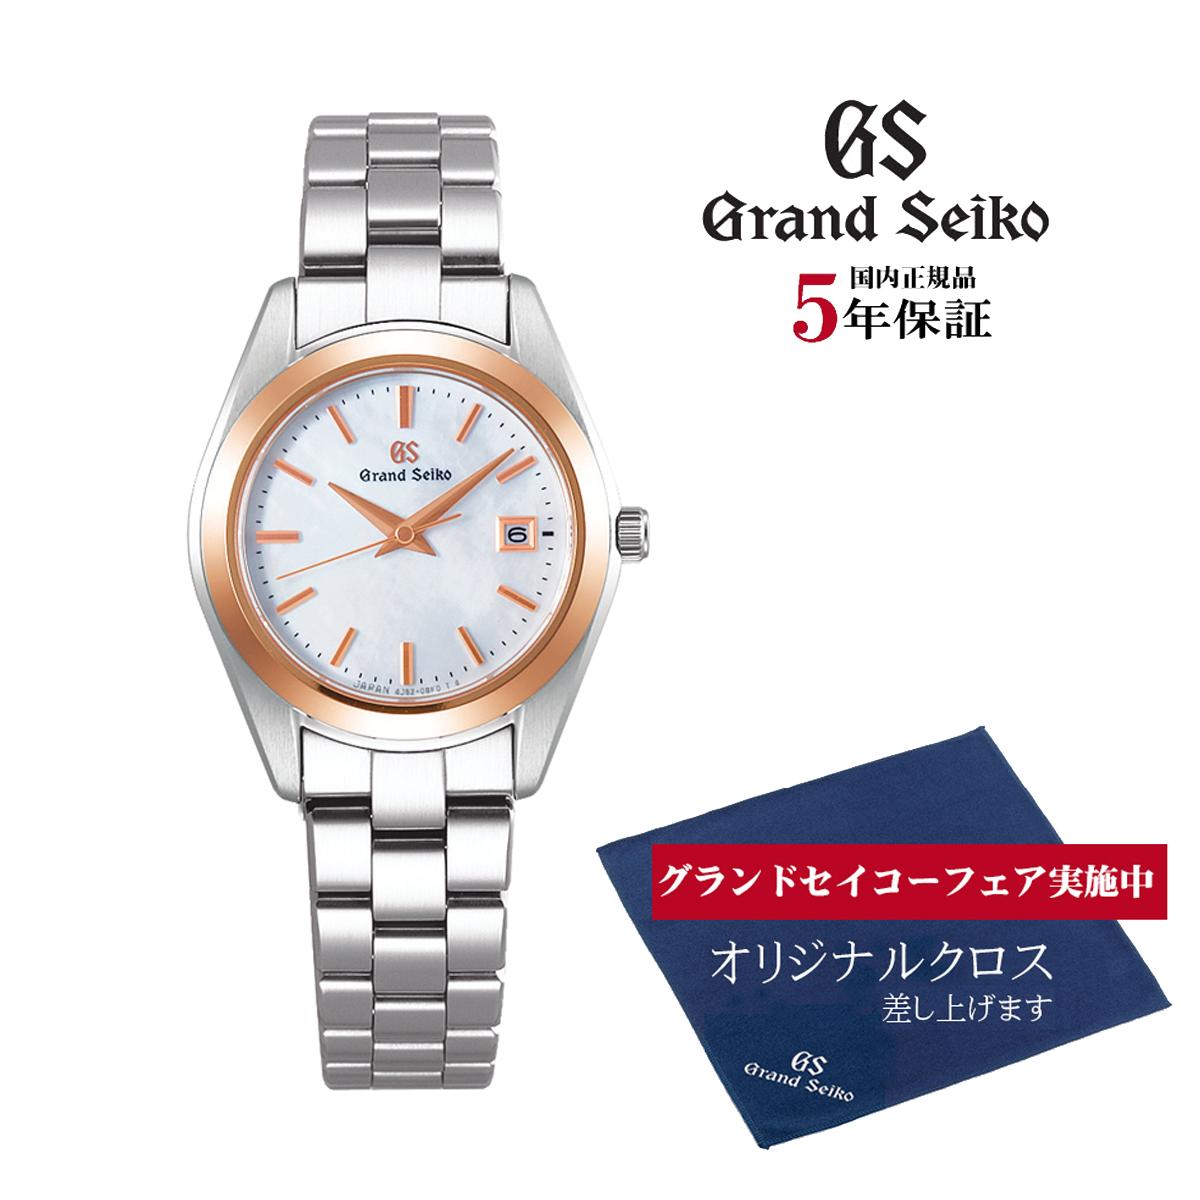 グランドセイコー Grand Seiko 正規メーカー保証3年 STGF268 4Jクォーツ 正規品 腕時計